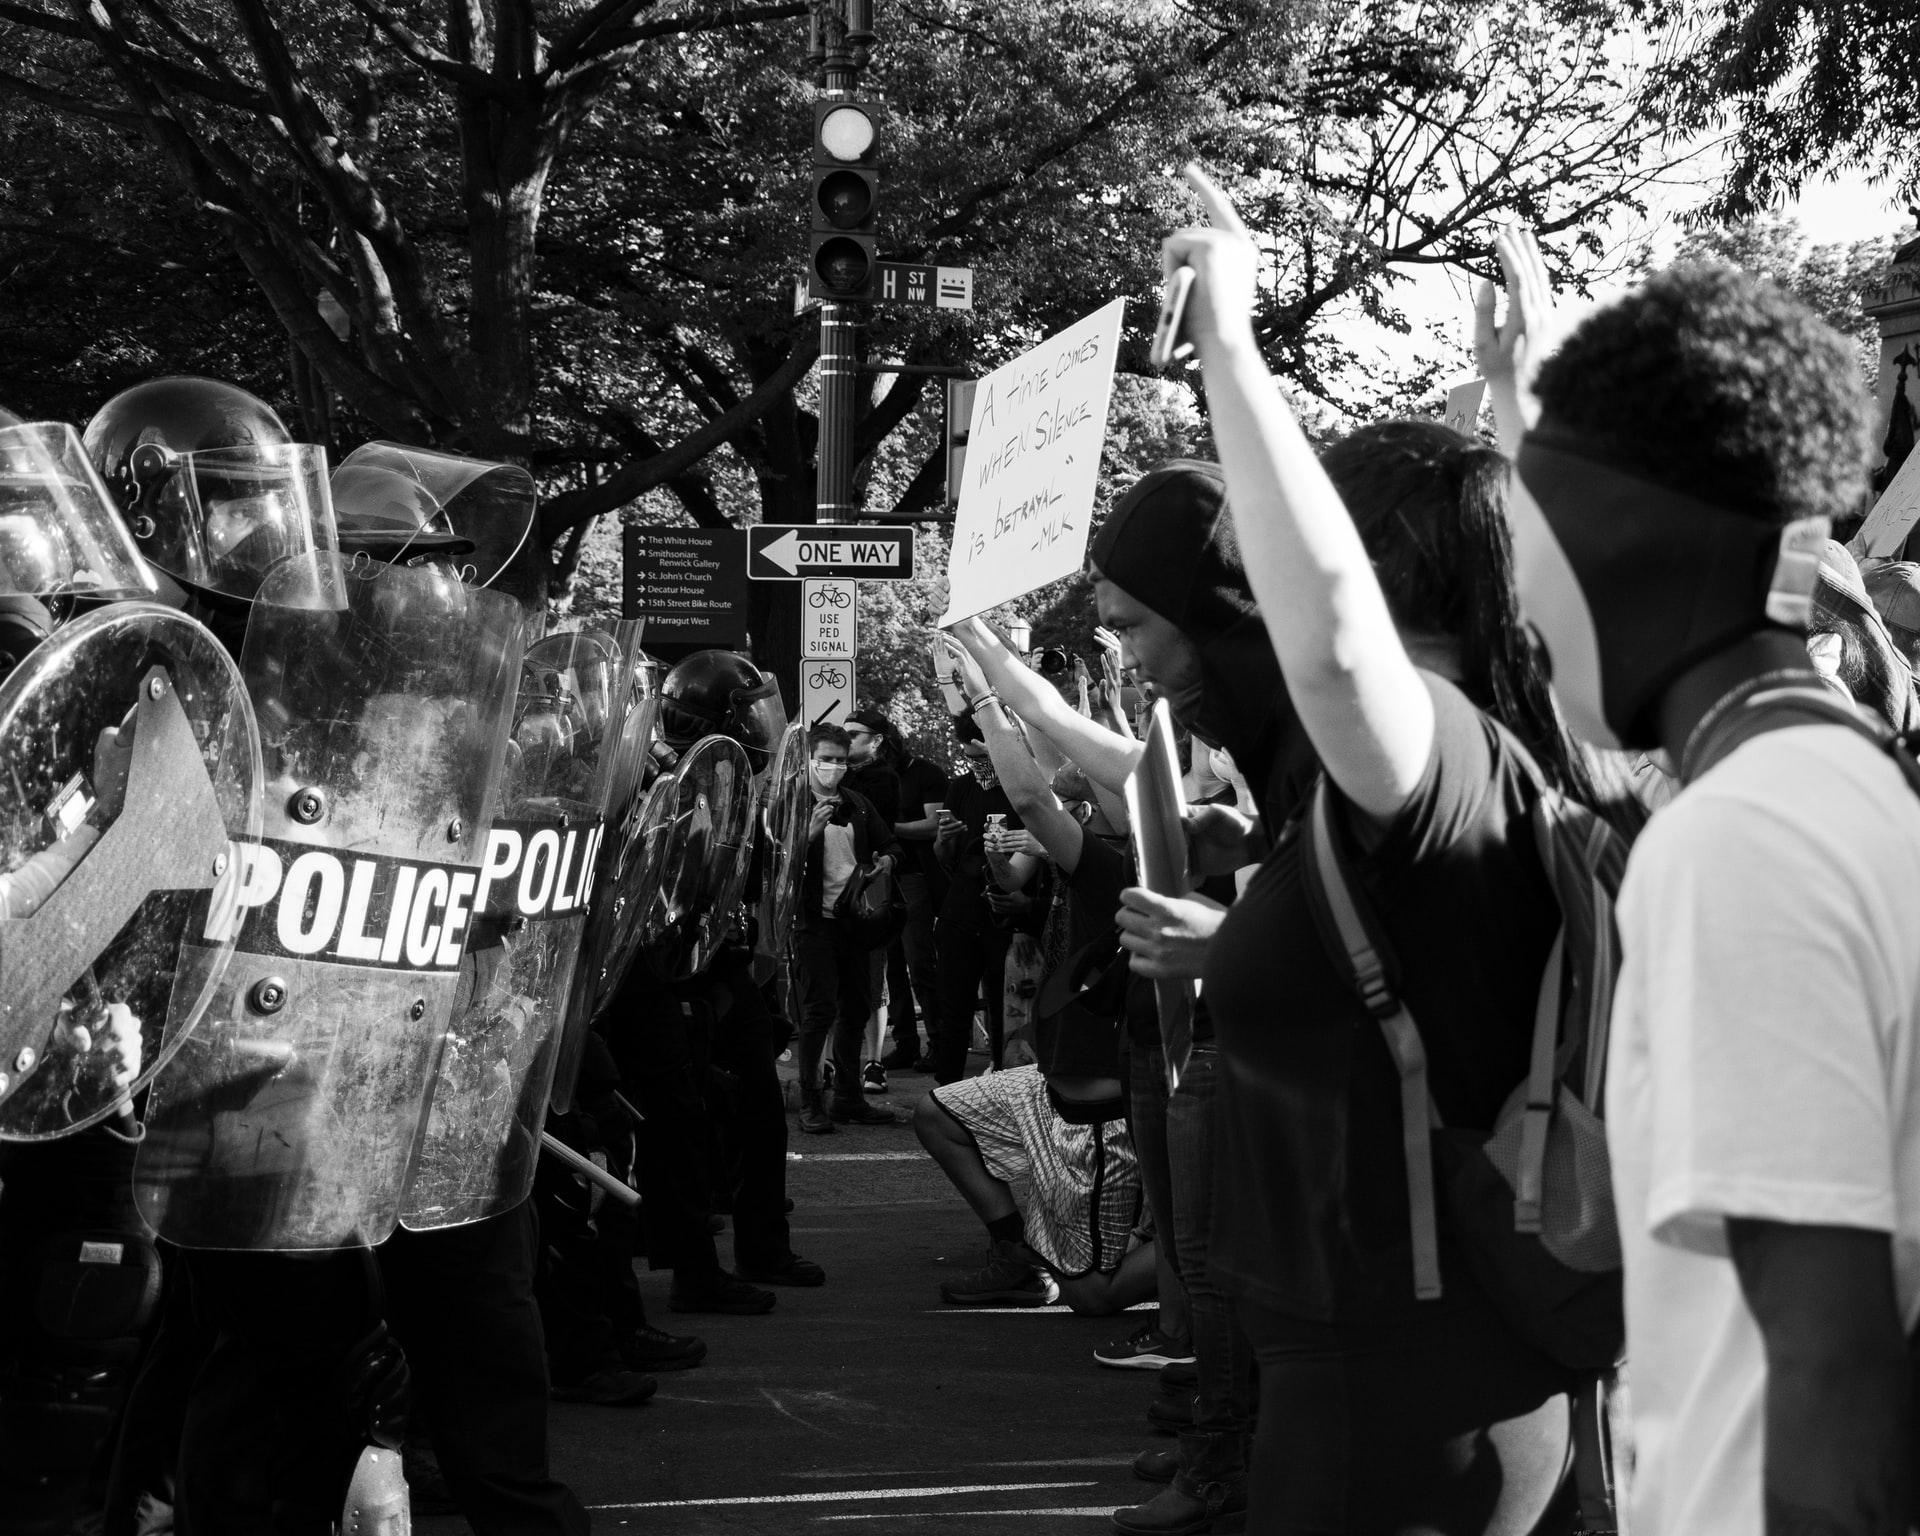 police vs. protesters